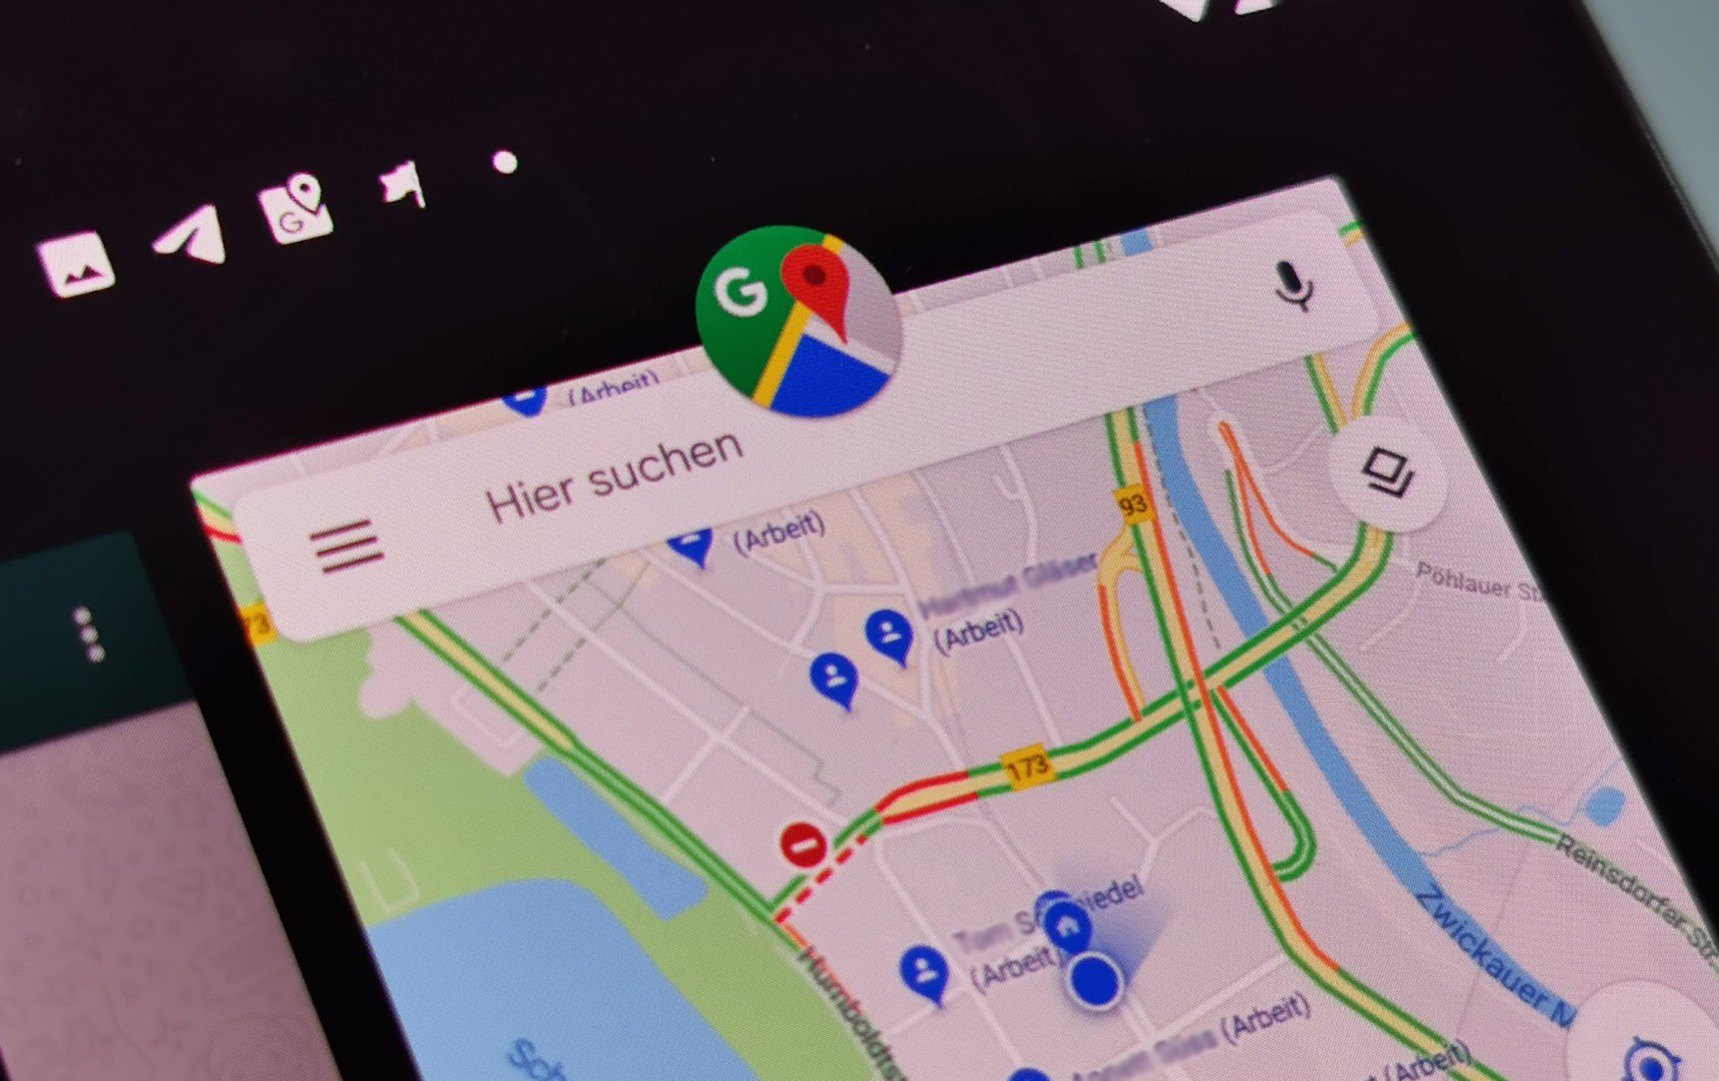 Warum Google Maps für Android komplett umgebaut wird